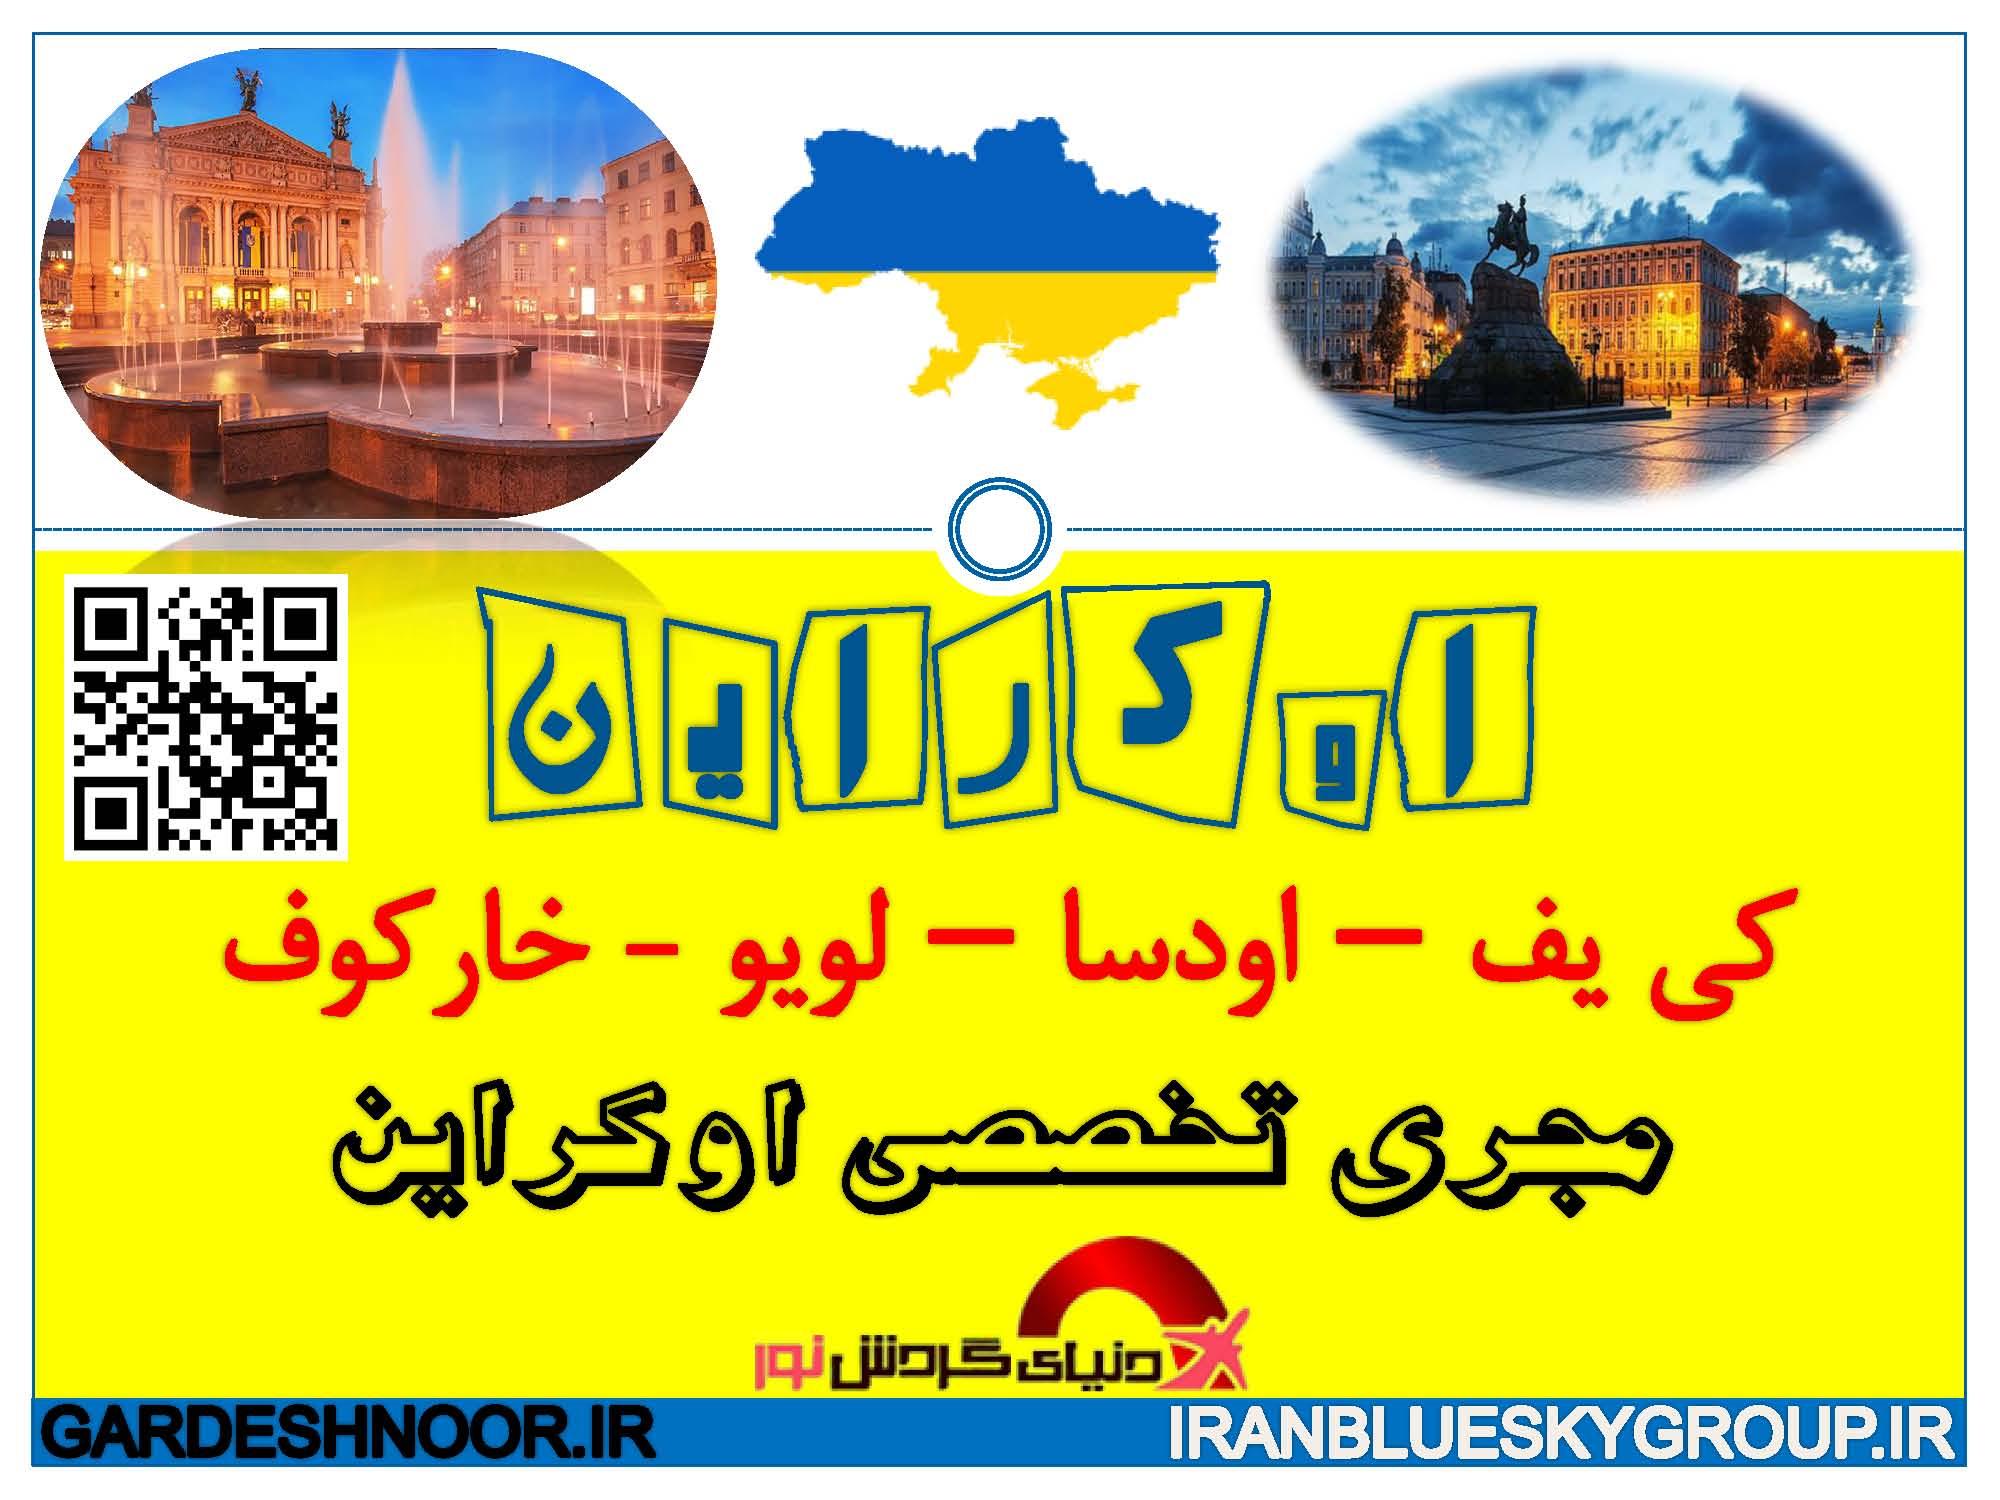 تور 6 شب و 7 روز اوکراین شهر کی یف <br/><br/>خدمات تور:<br/>پرواز رفت و برگشت یو ام ایر (UM AIR) ، 6 شب اقامت در هتل با صبحانه ، ترانسفر فرودگاهی ، تور لیدر فارسی tour-travel foreign-tour foreign-tours-special